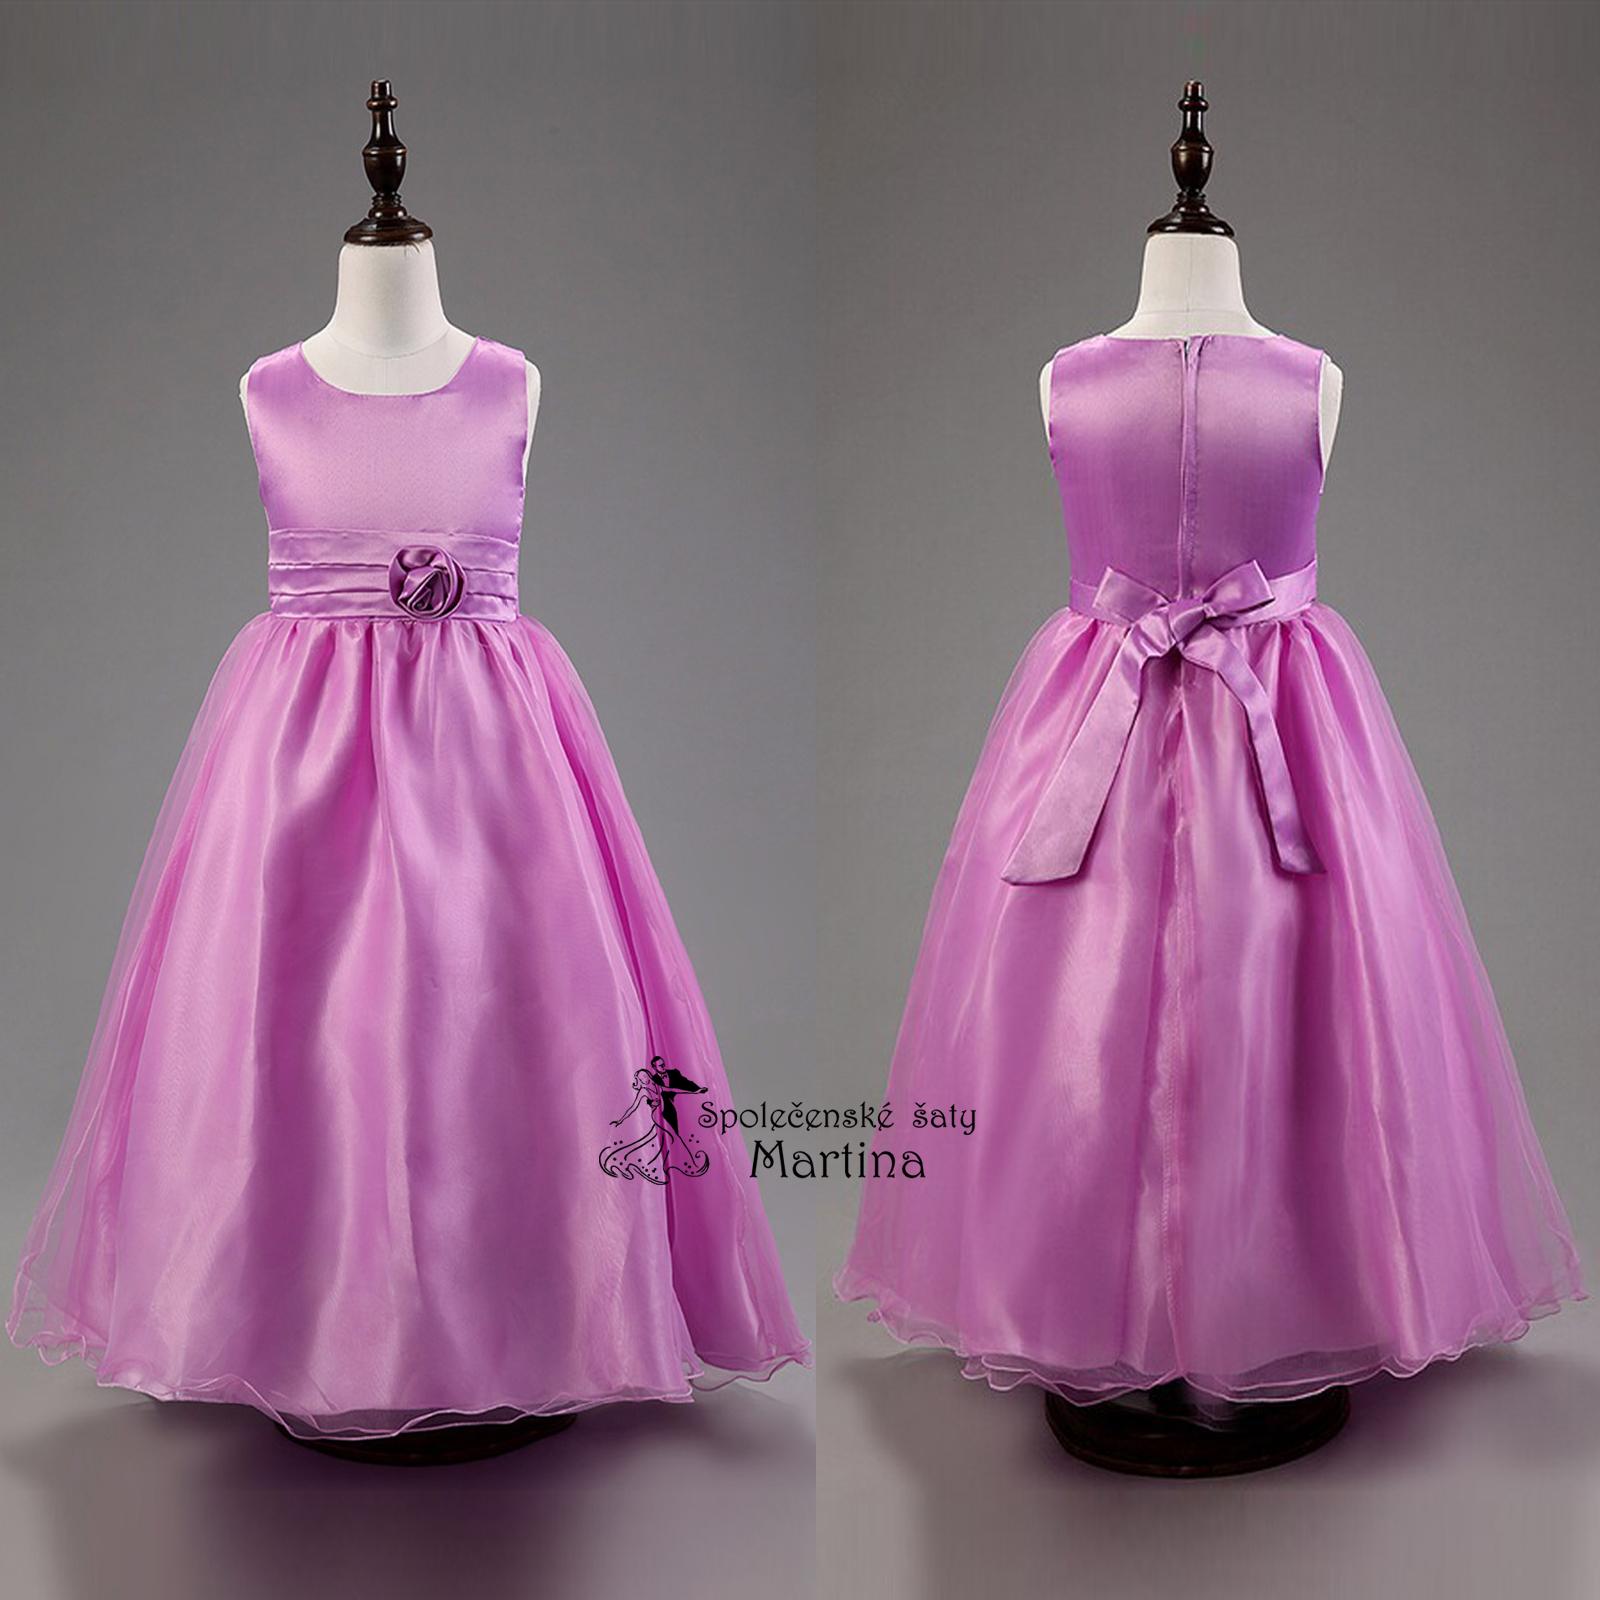 81339a833a9 Společenské šaty pro družičku